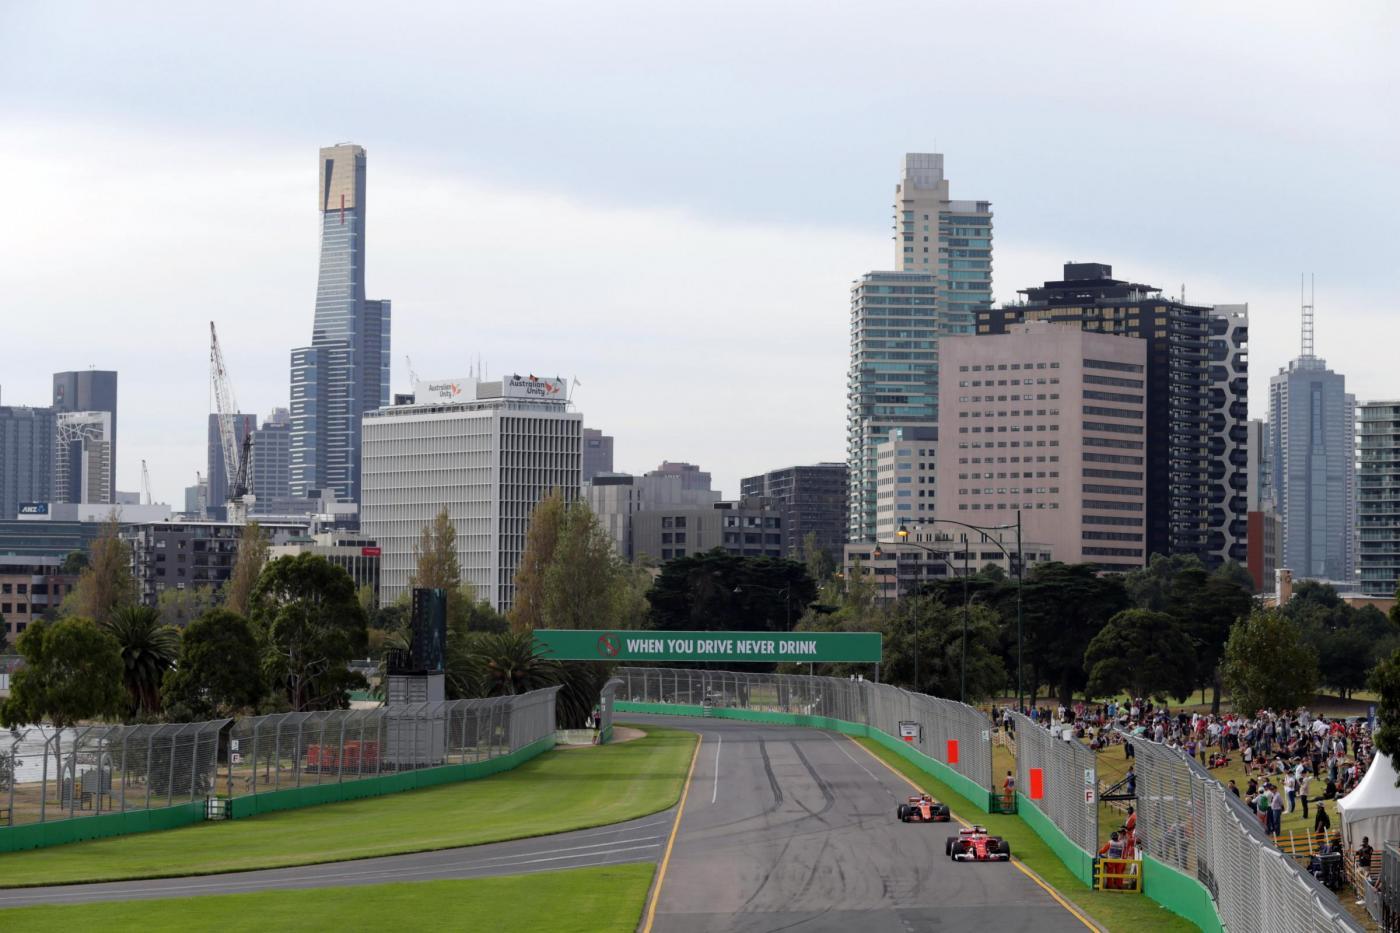 F1 - TV8 sta pensando di modificare l'orario di trasmissione delle differite delle gare di Formula 1, l'orario più indicato adesso potrebbero essere le 21 - LaPresse/Photo4